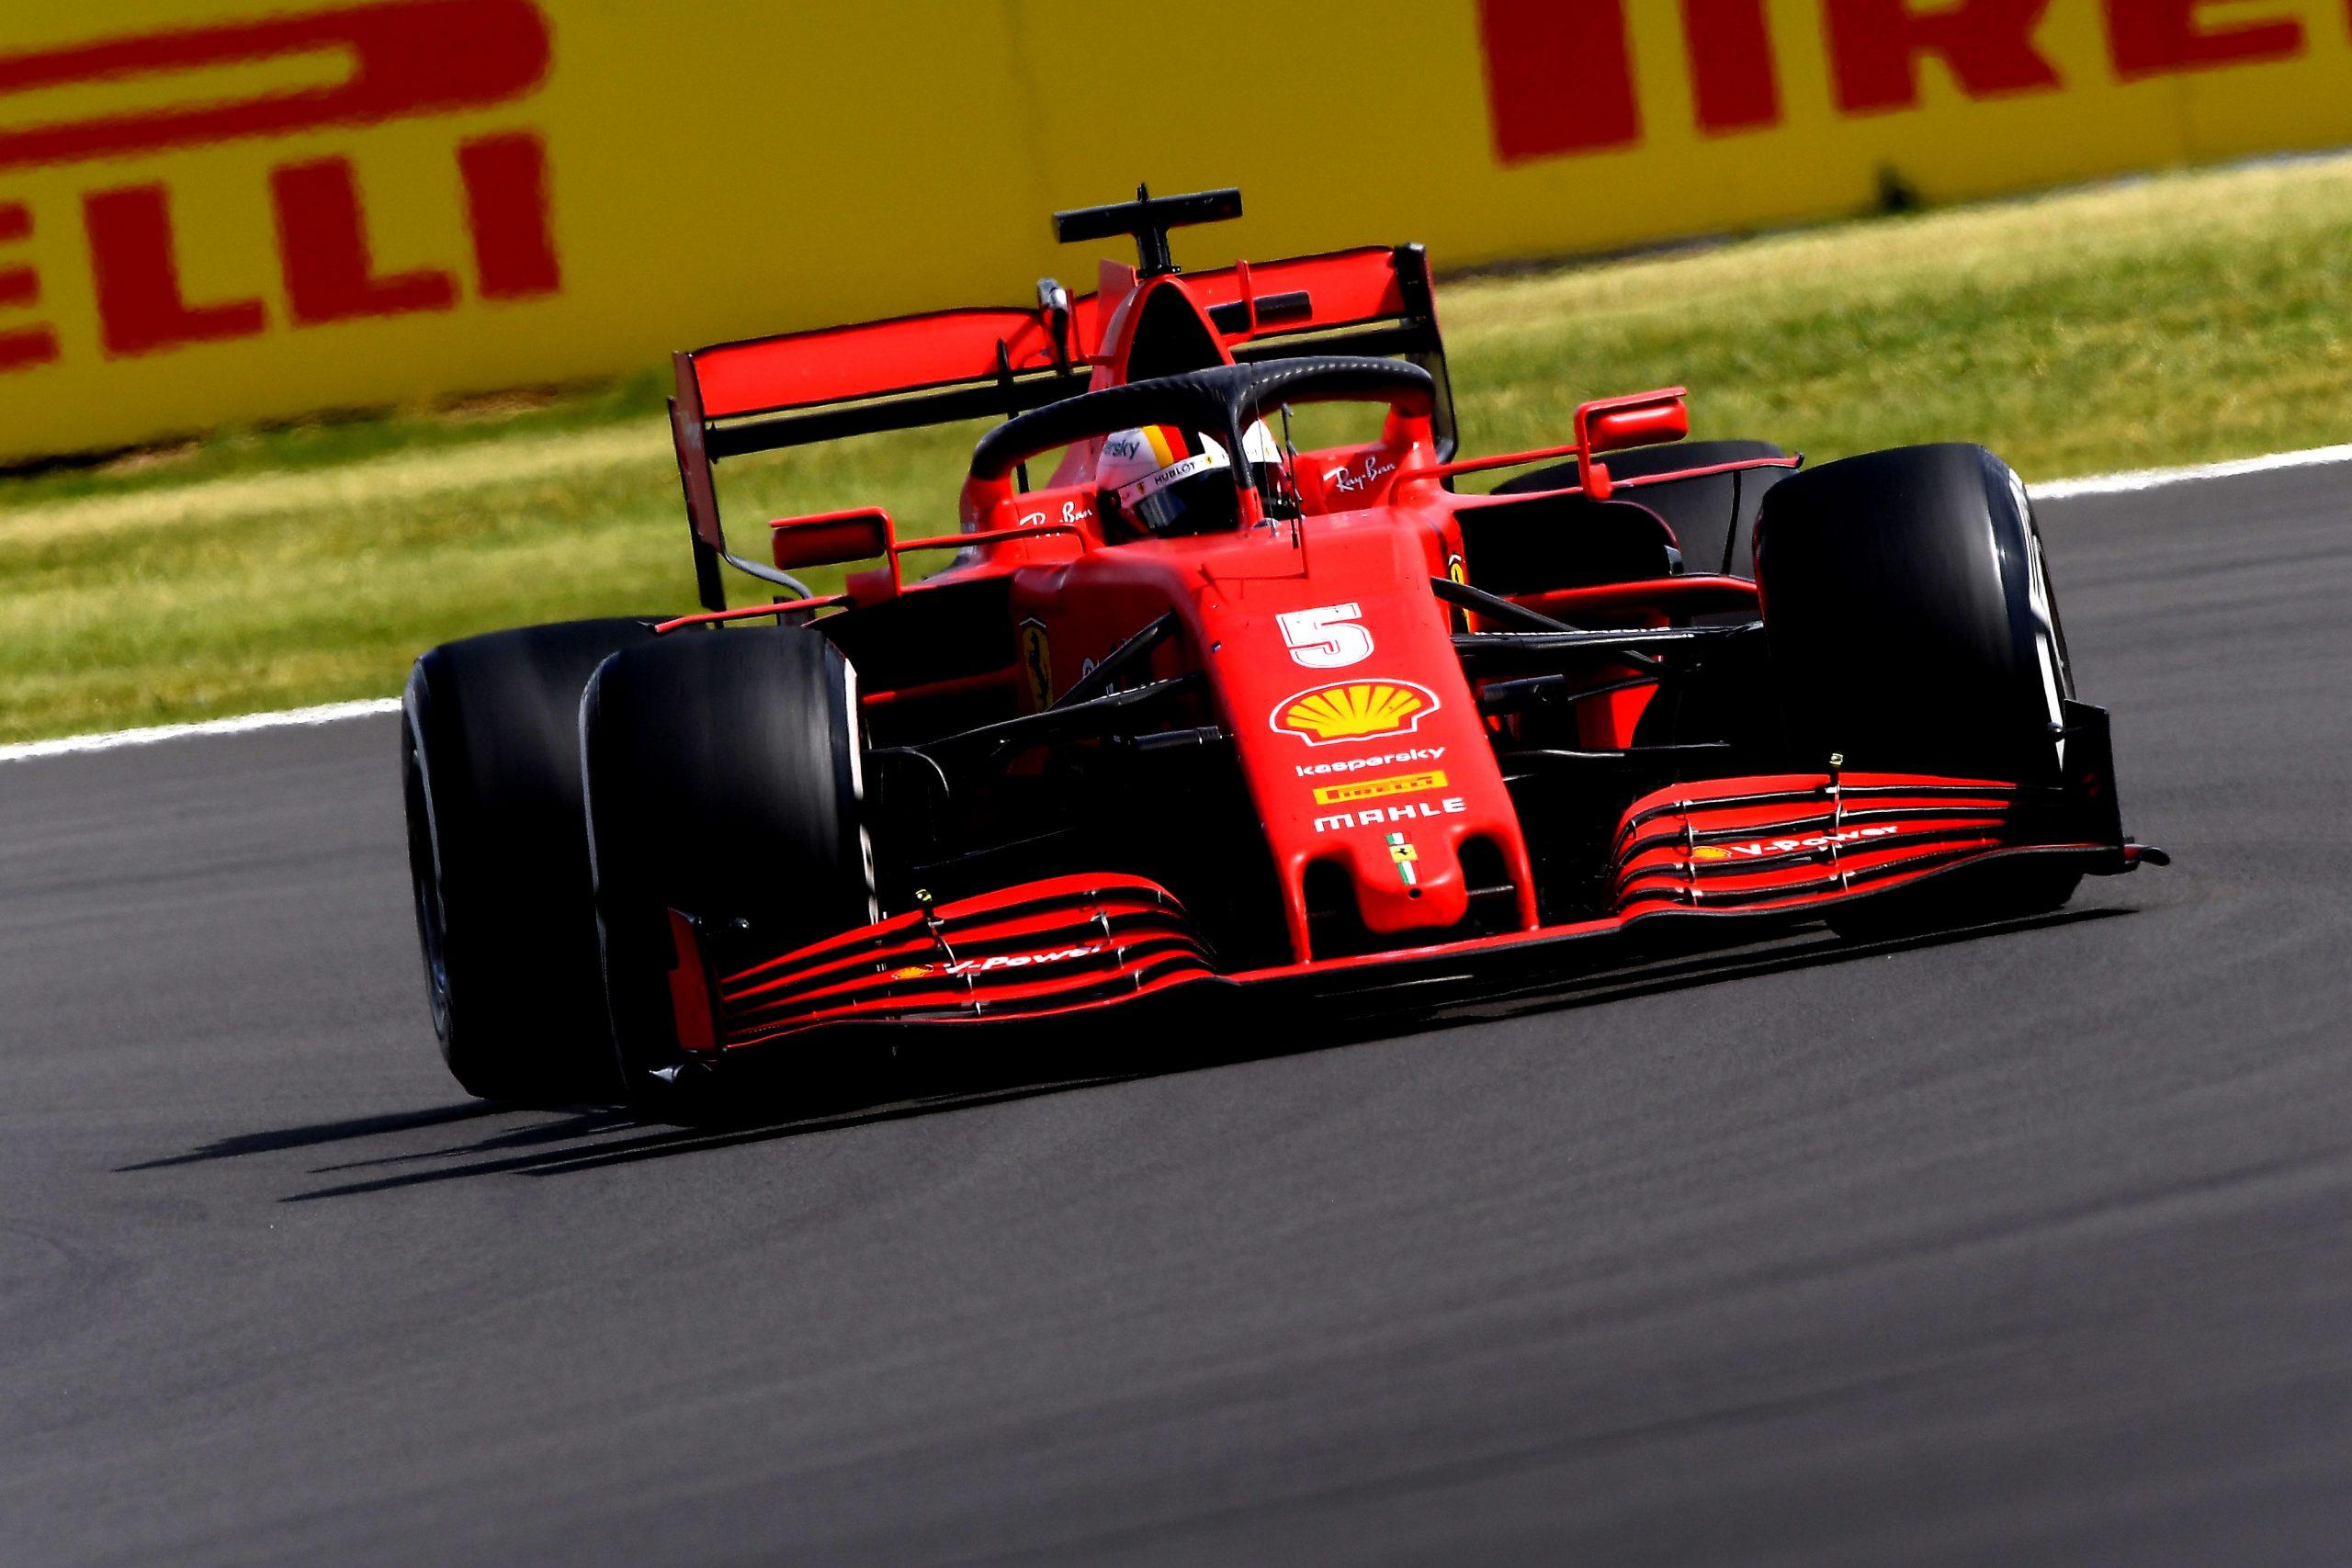 Binotto New Ferrari Engine For 2021 2022 Very Promising